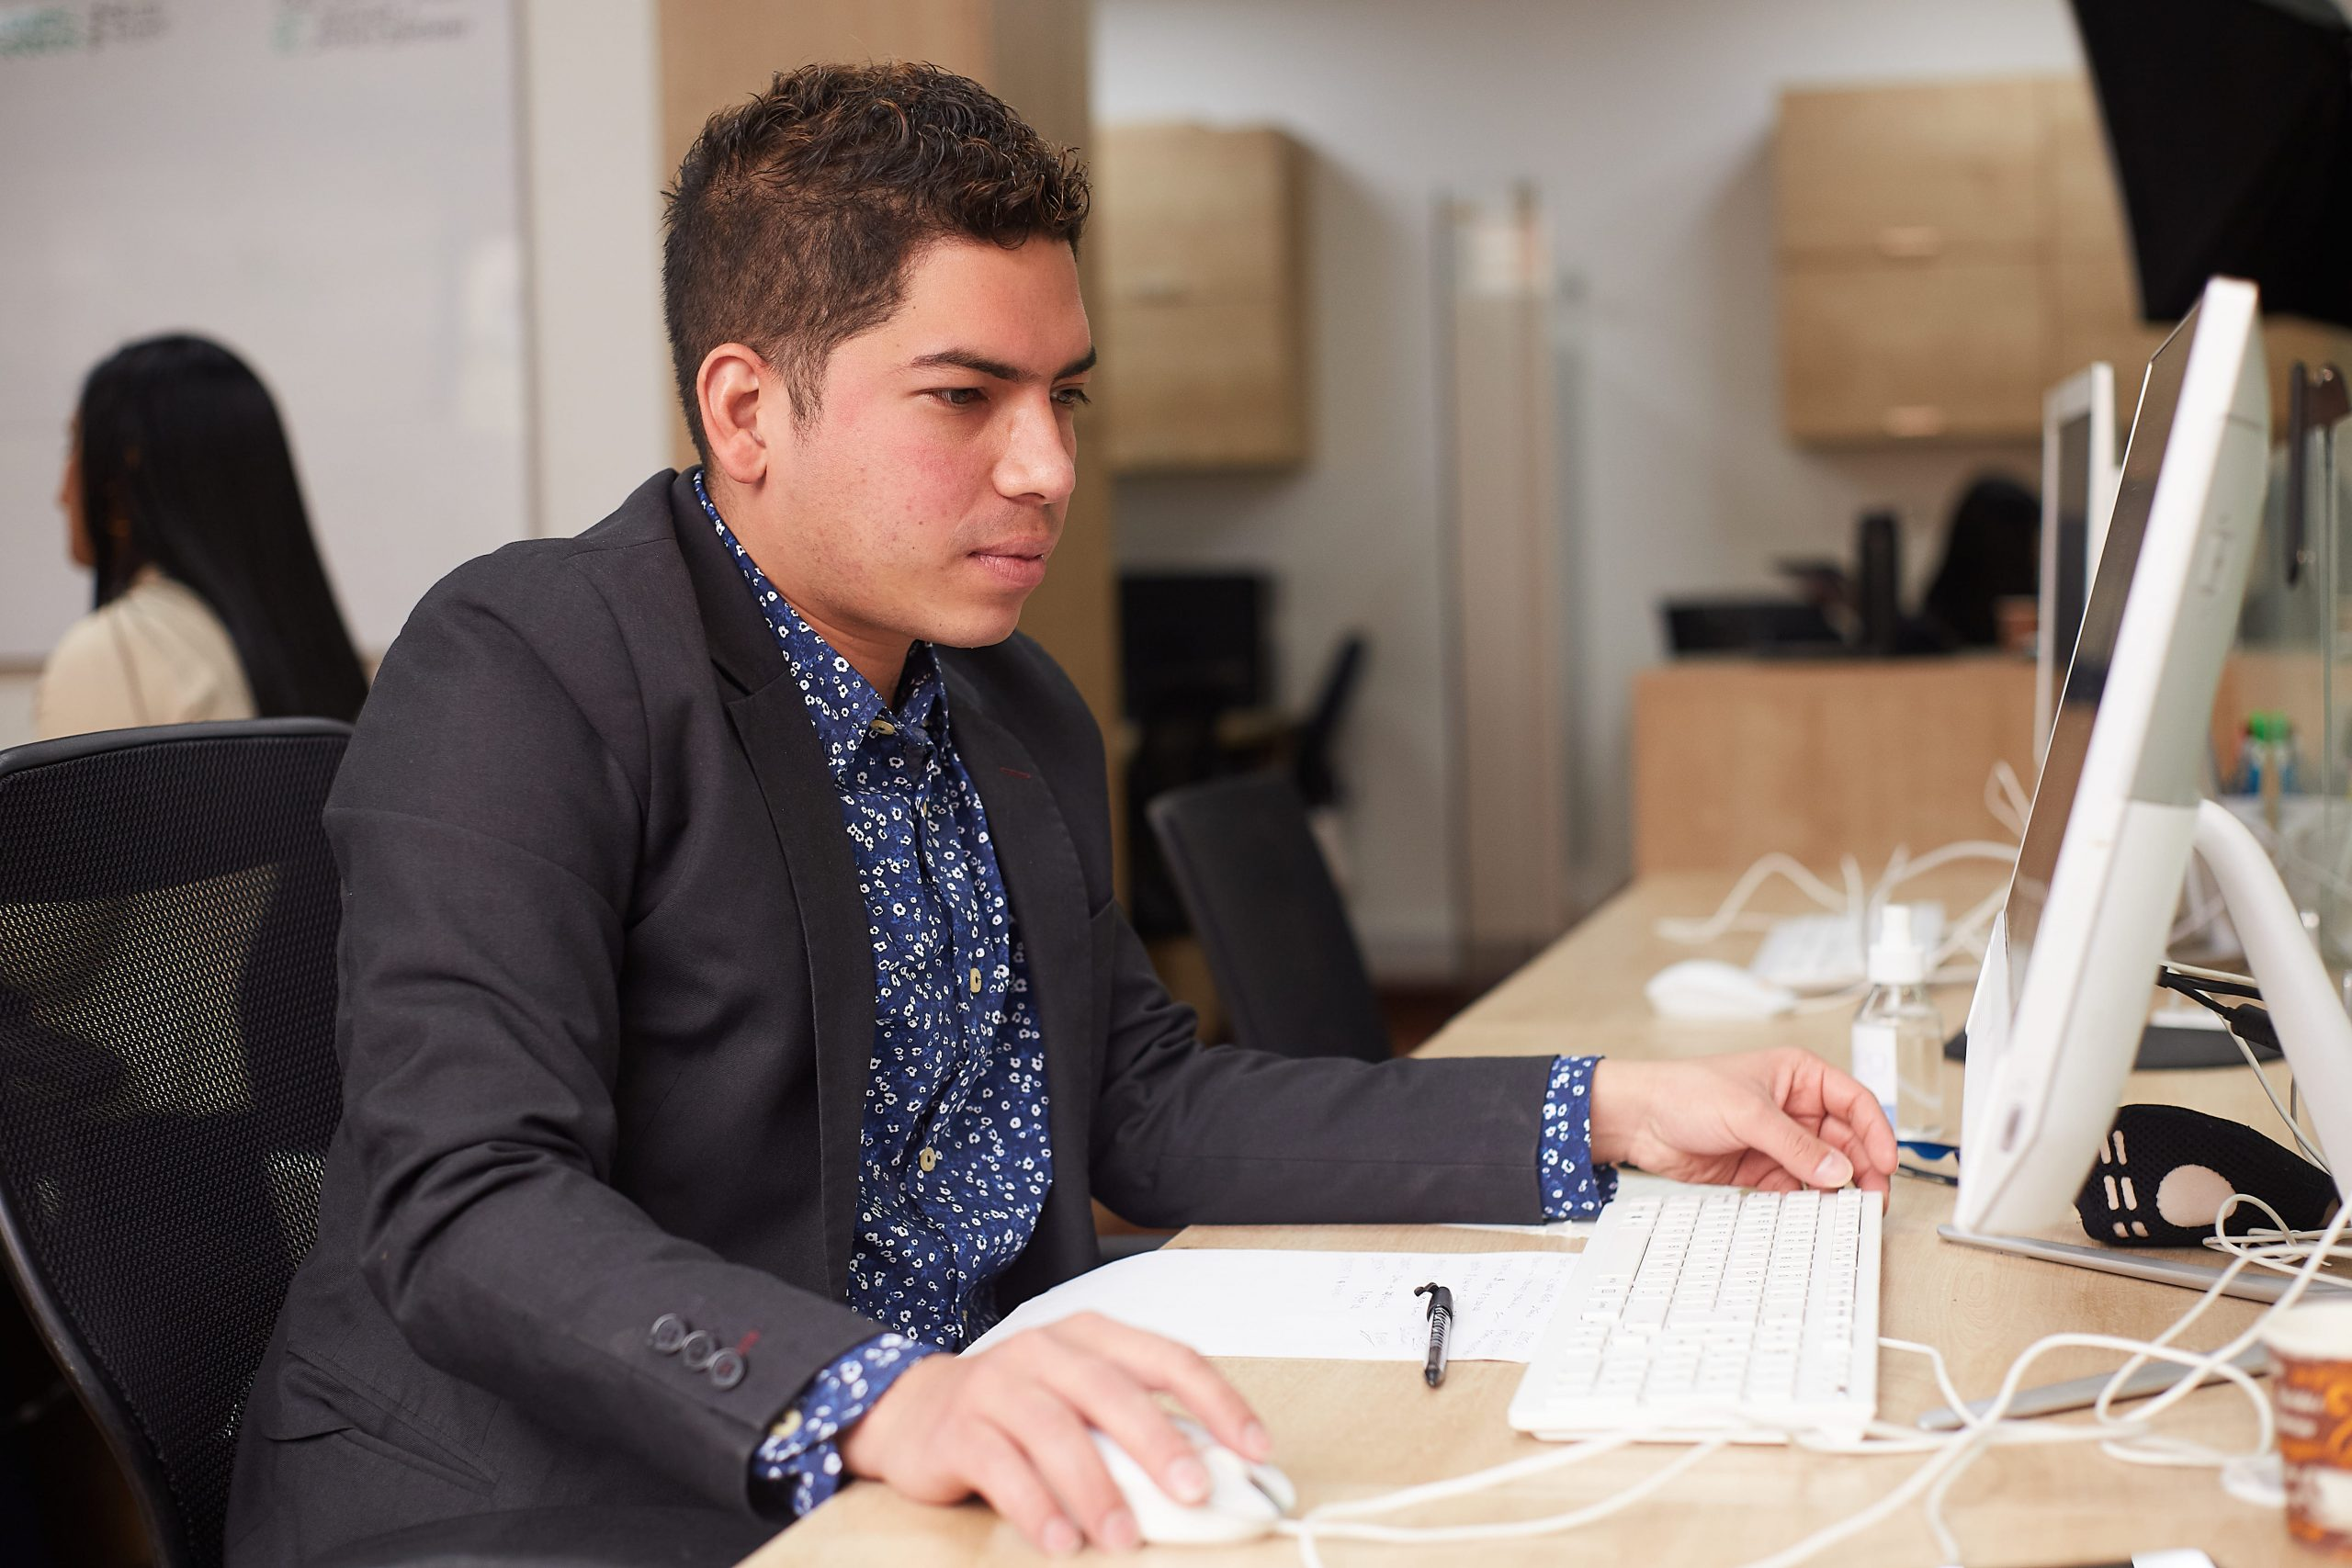 servicios contables: contabilidad, revisoría fiscal, auditoría financiera, entre otros.